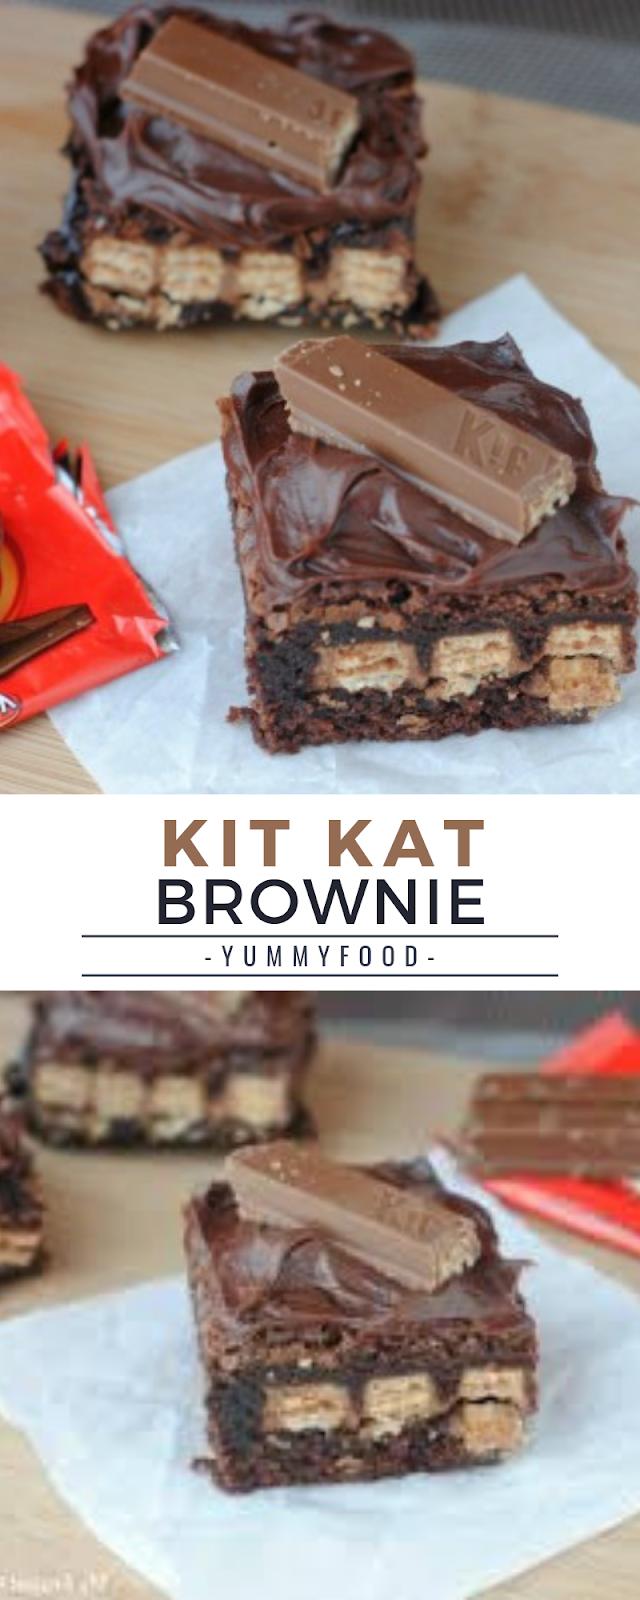 Kit Kat Brownie